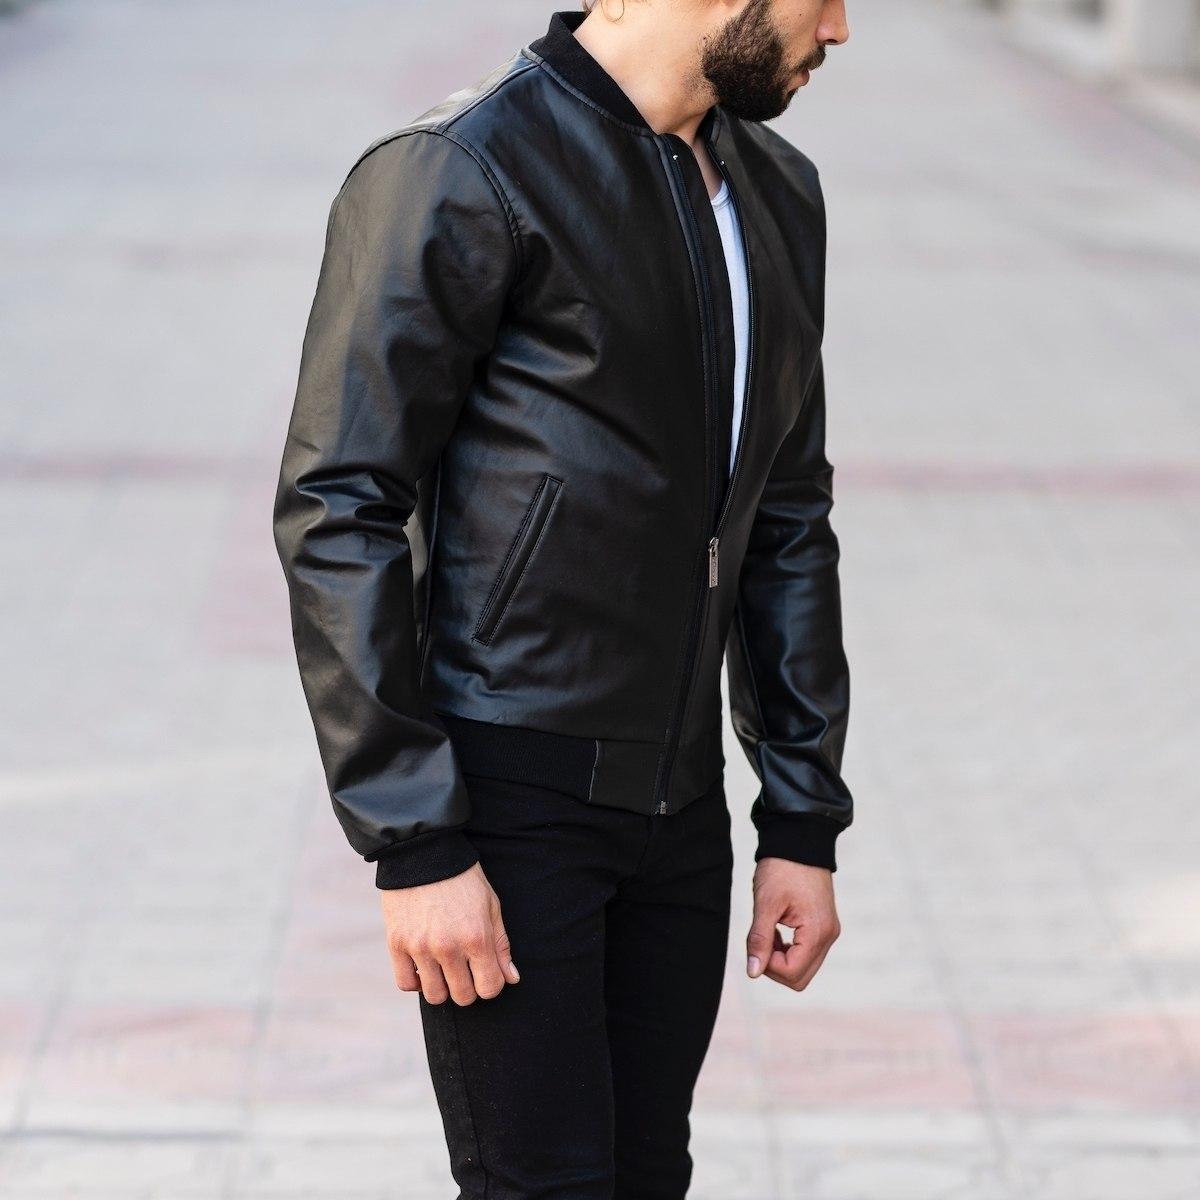 Full Black Bomber Jacket